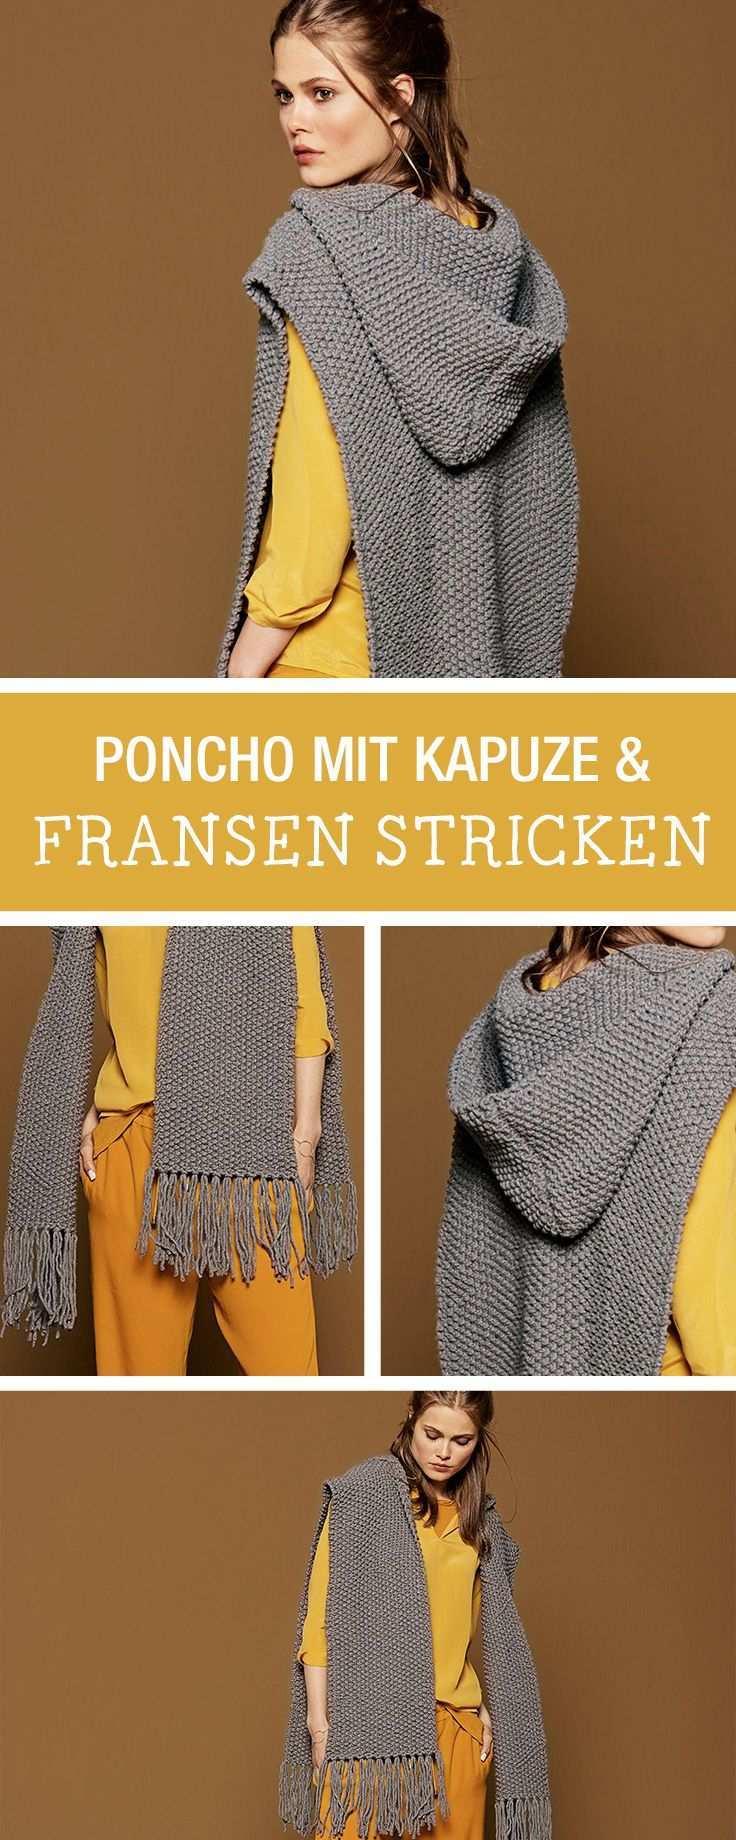 Kits Zum Stricken Etsy De Poncho Mit Kapuze Kapuze Stricken Poncho